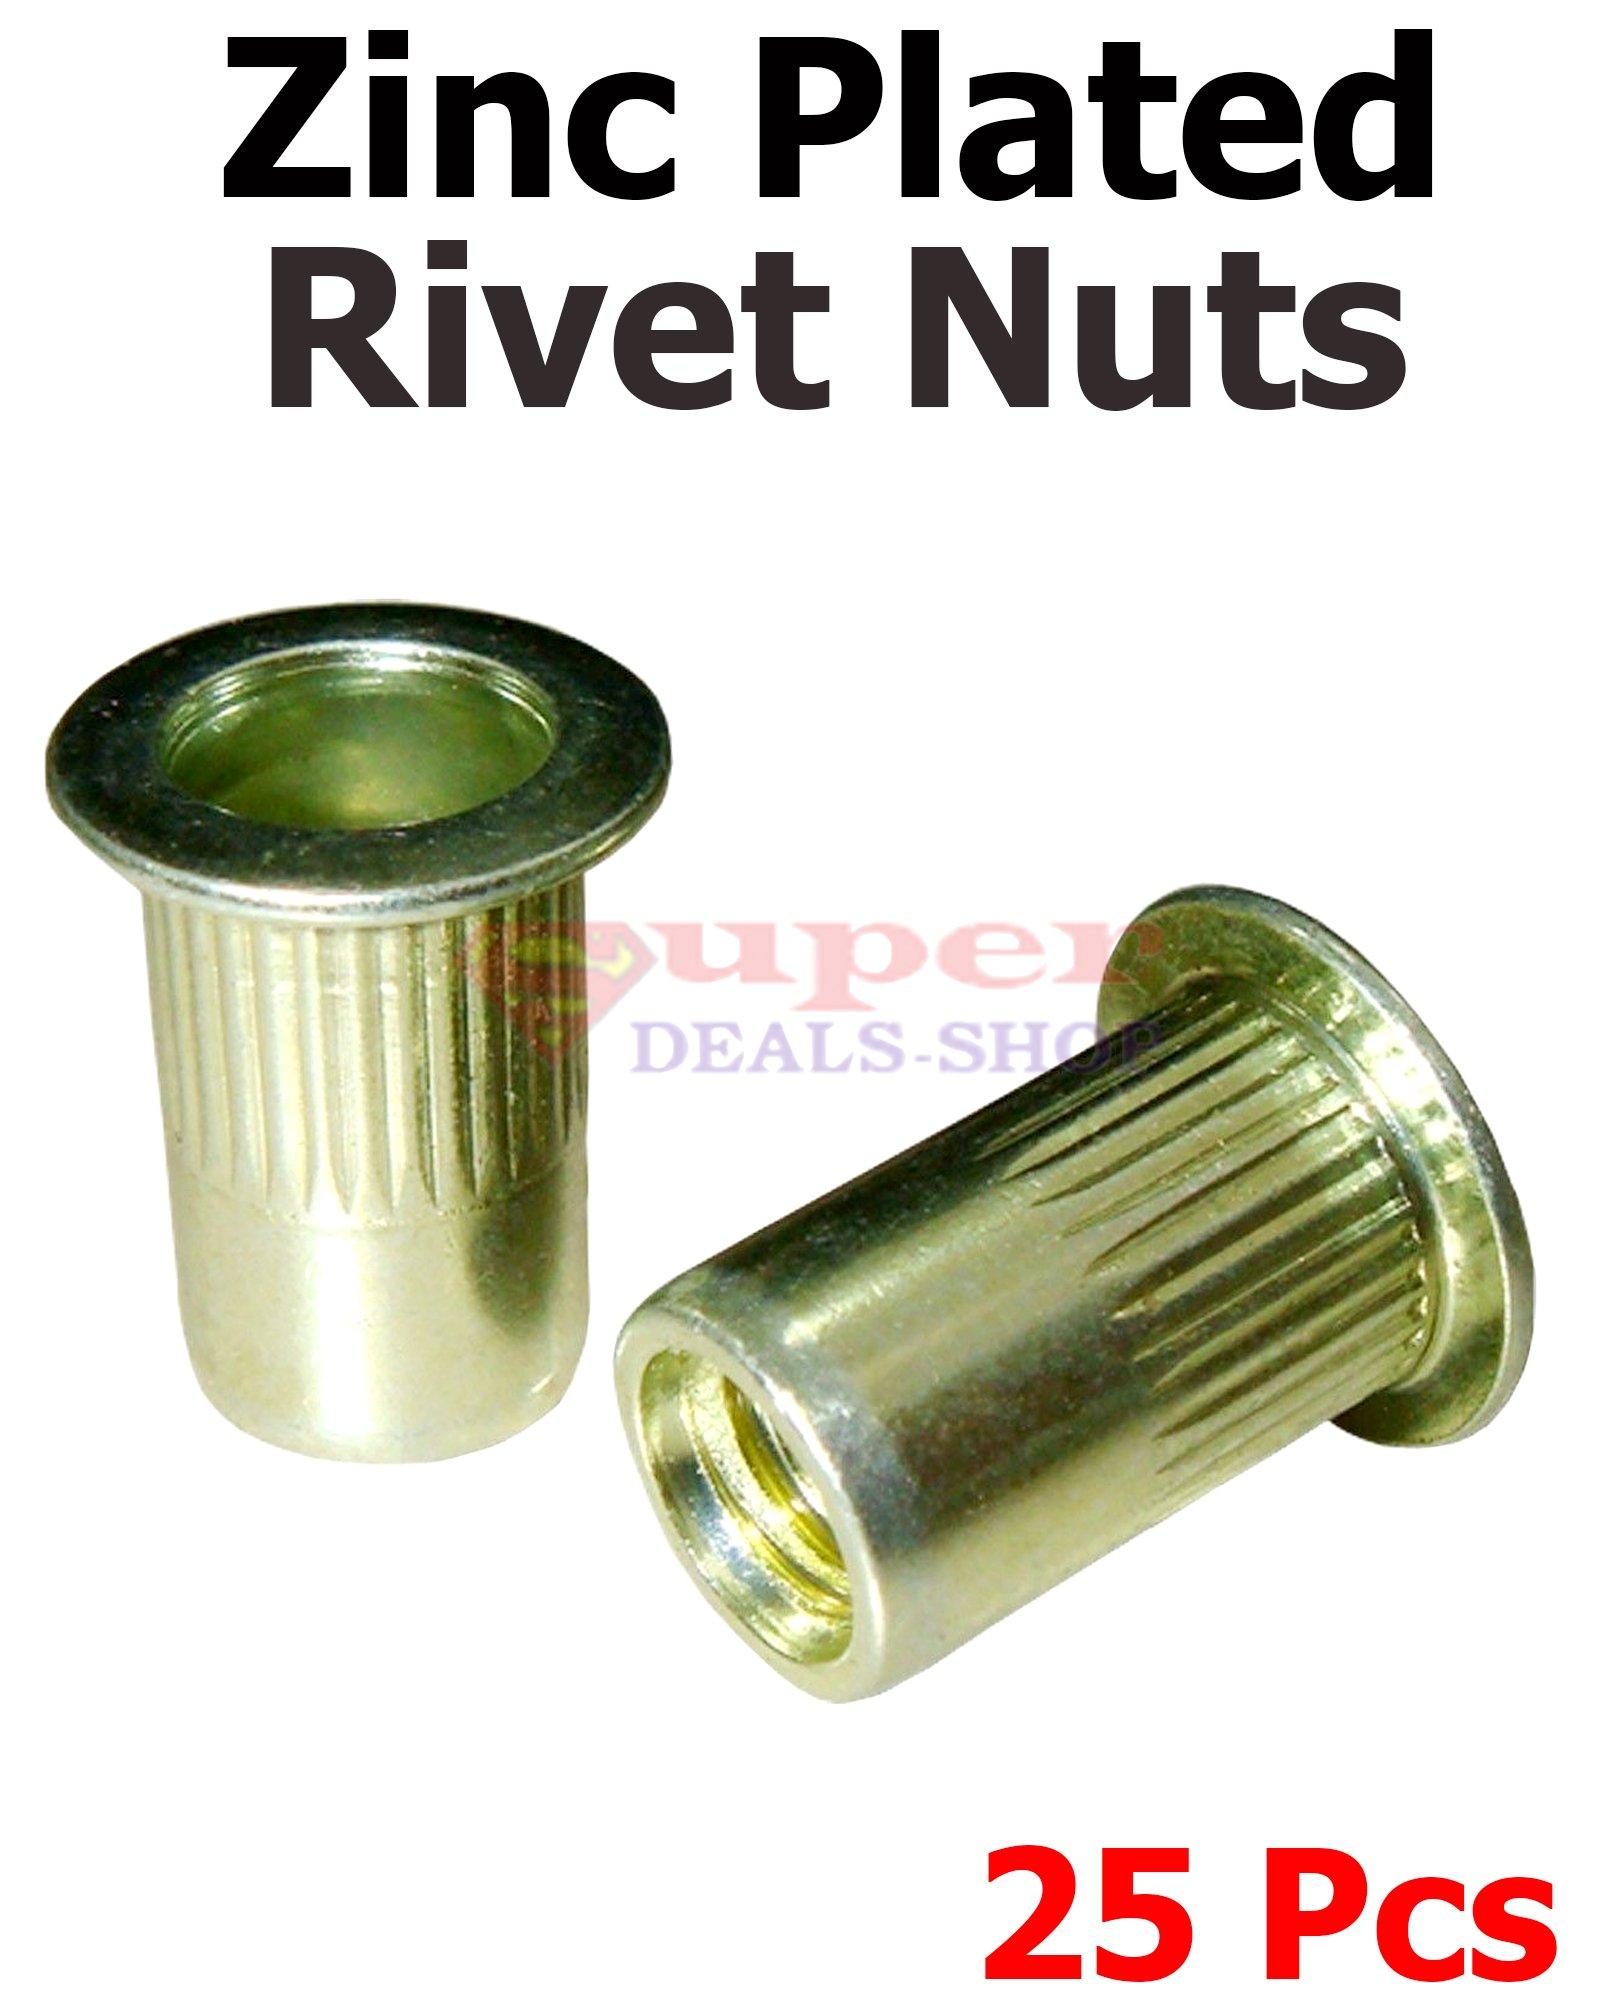 25 Pcs Steel Rivet Nuts Rivnut Insert Nutsert Zinc Rivet Nuts 10-24 UNC Super-Deals-Shop